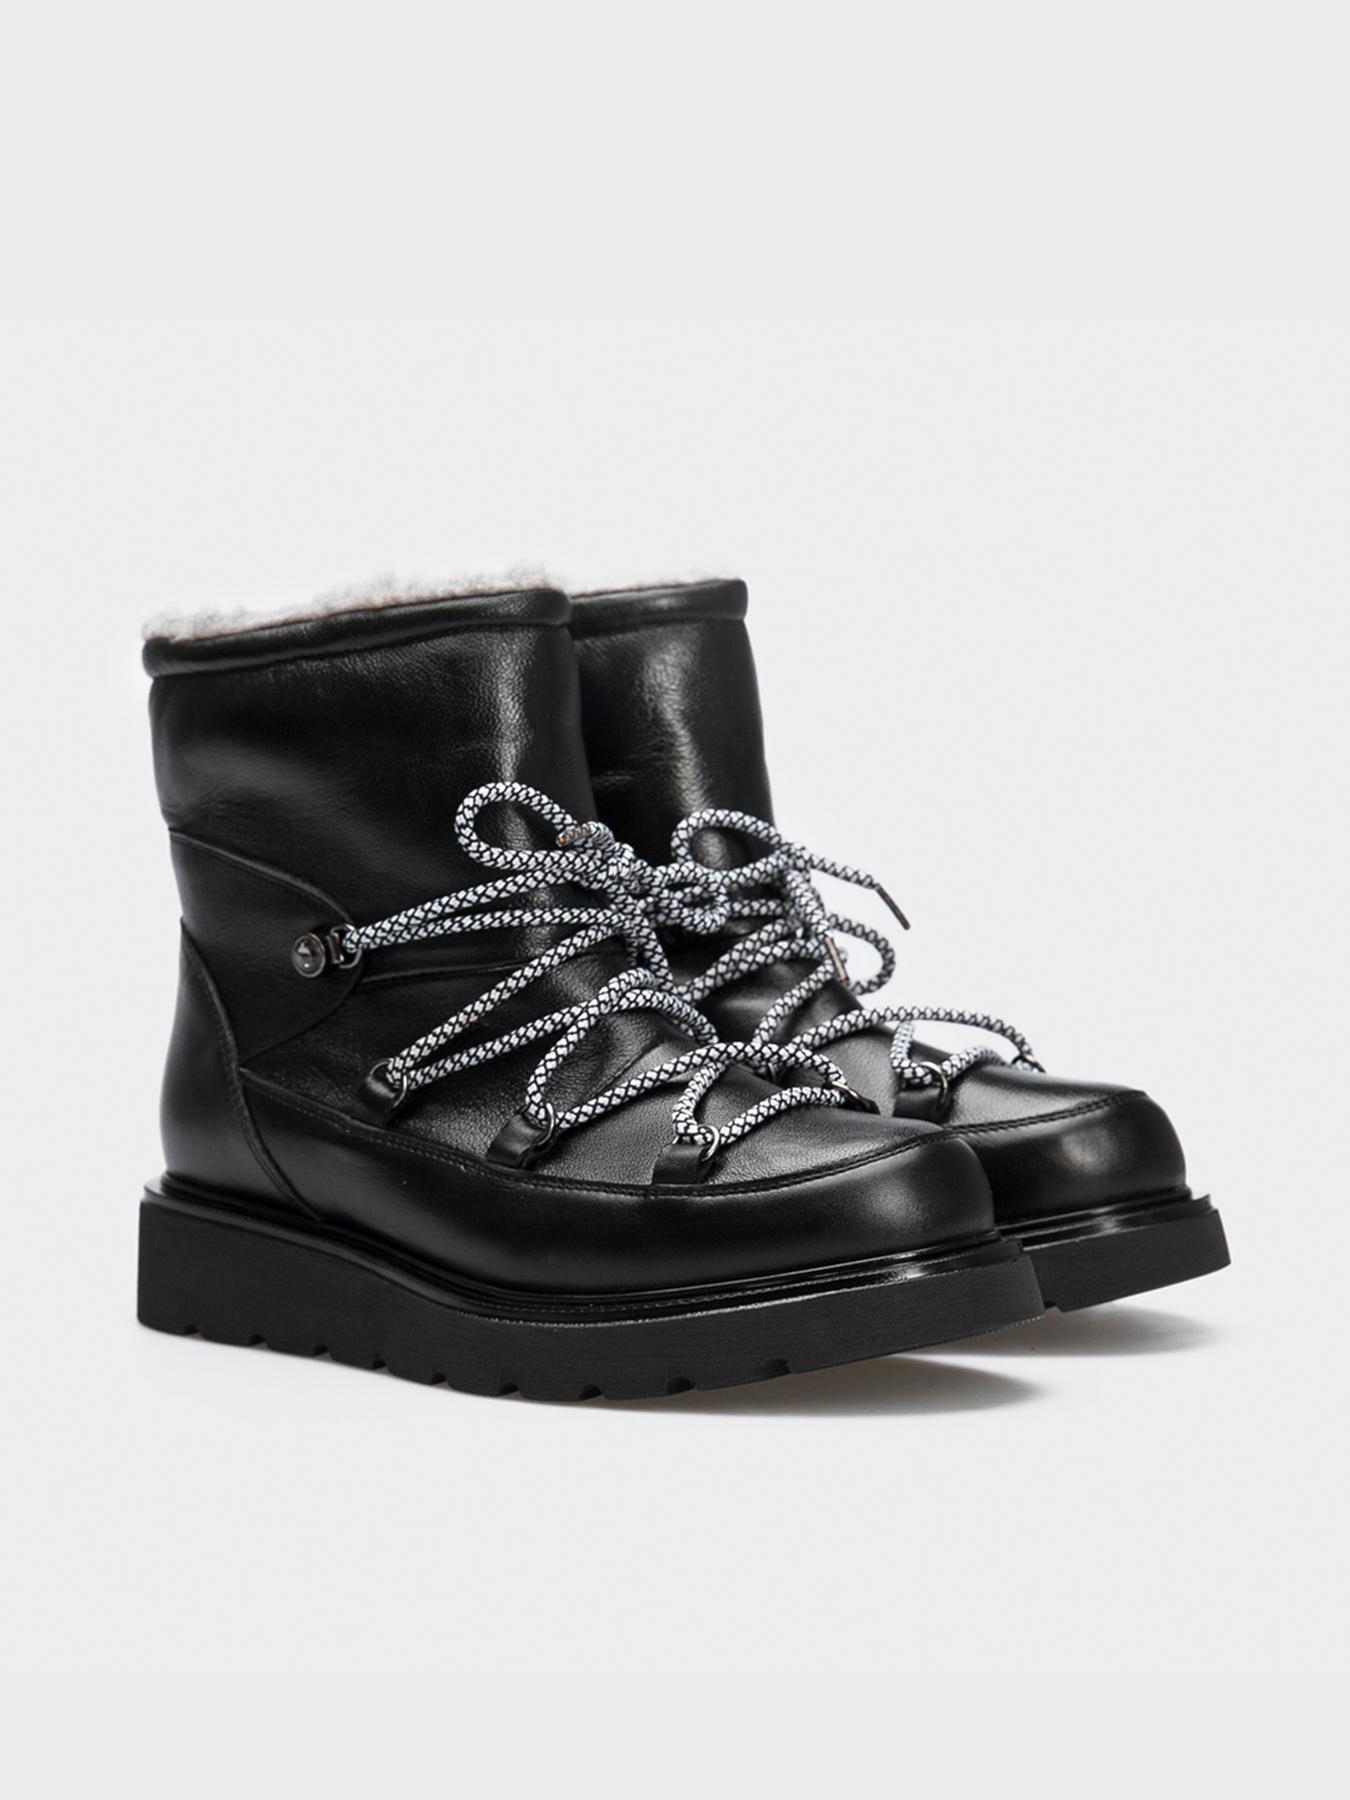 Ботинки женские Gem 10564-030